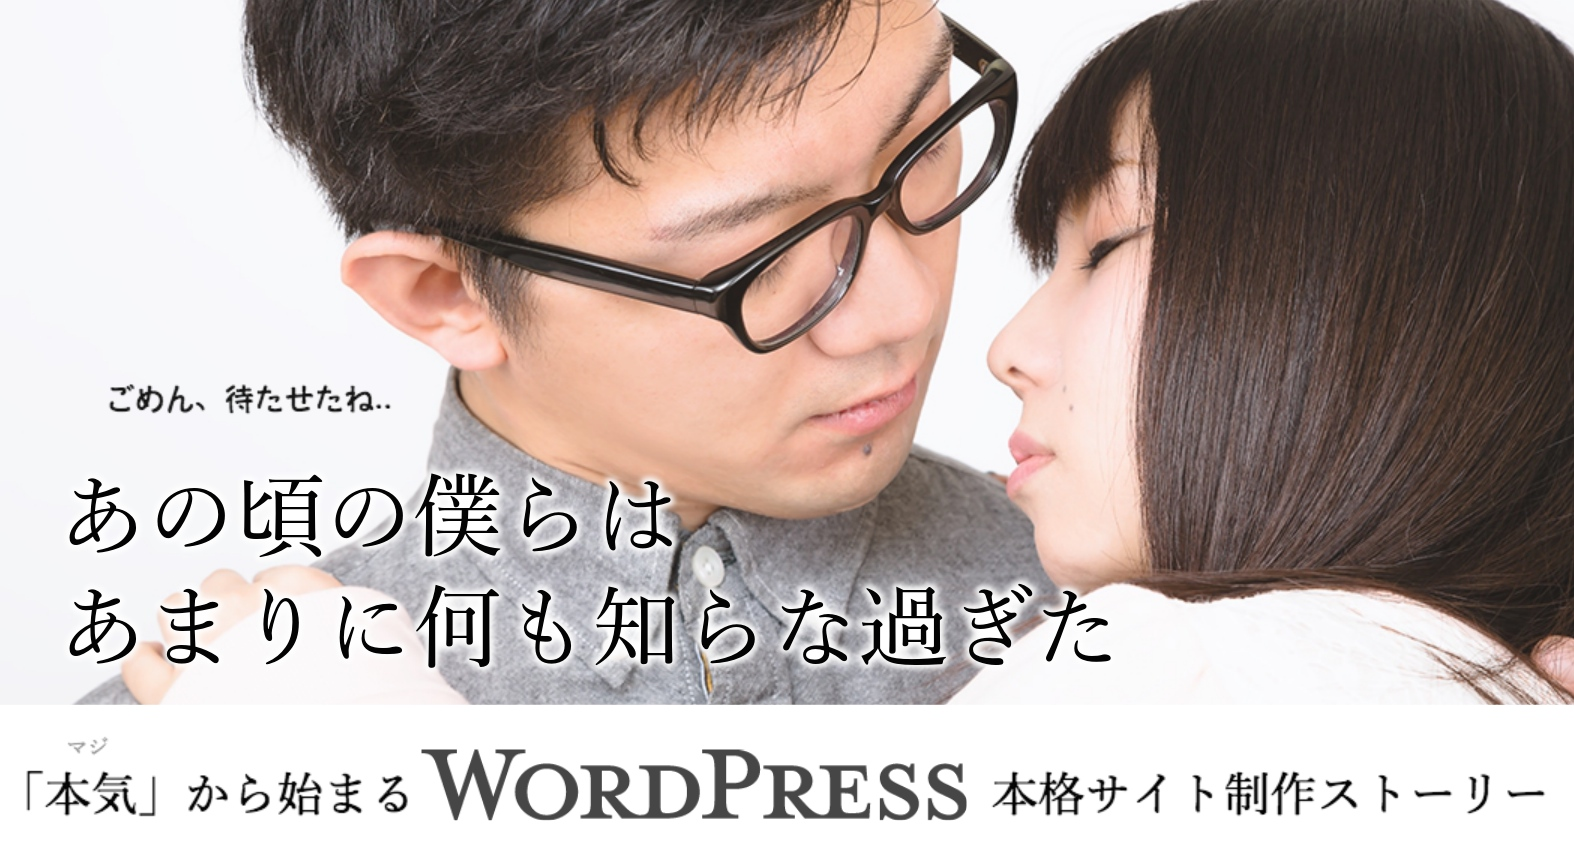 eye【修正完成】eeeeaaaaaスクリーンショット 2014-07-09 11.32.37 2